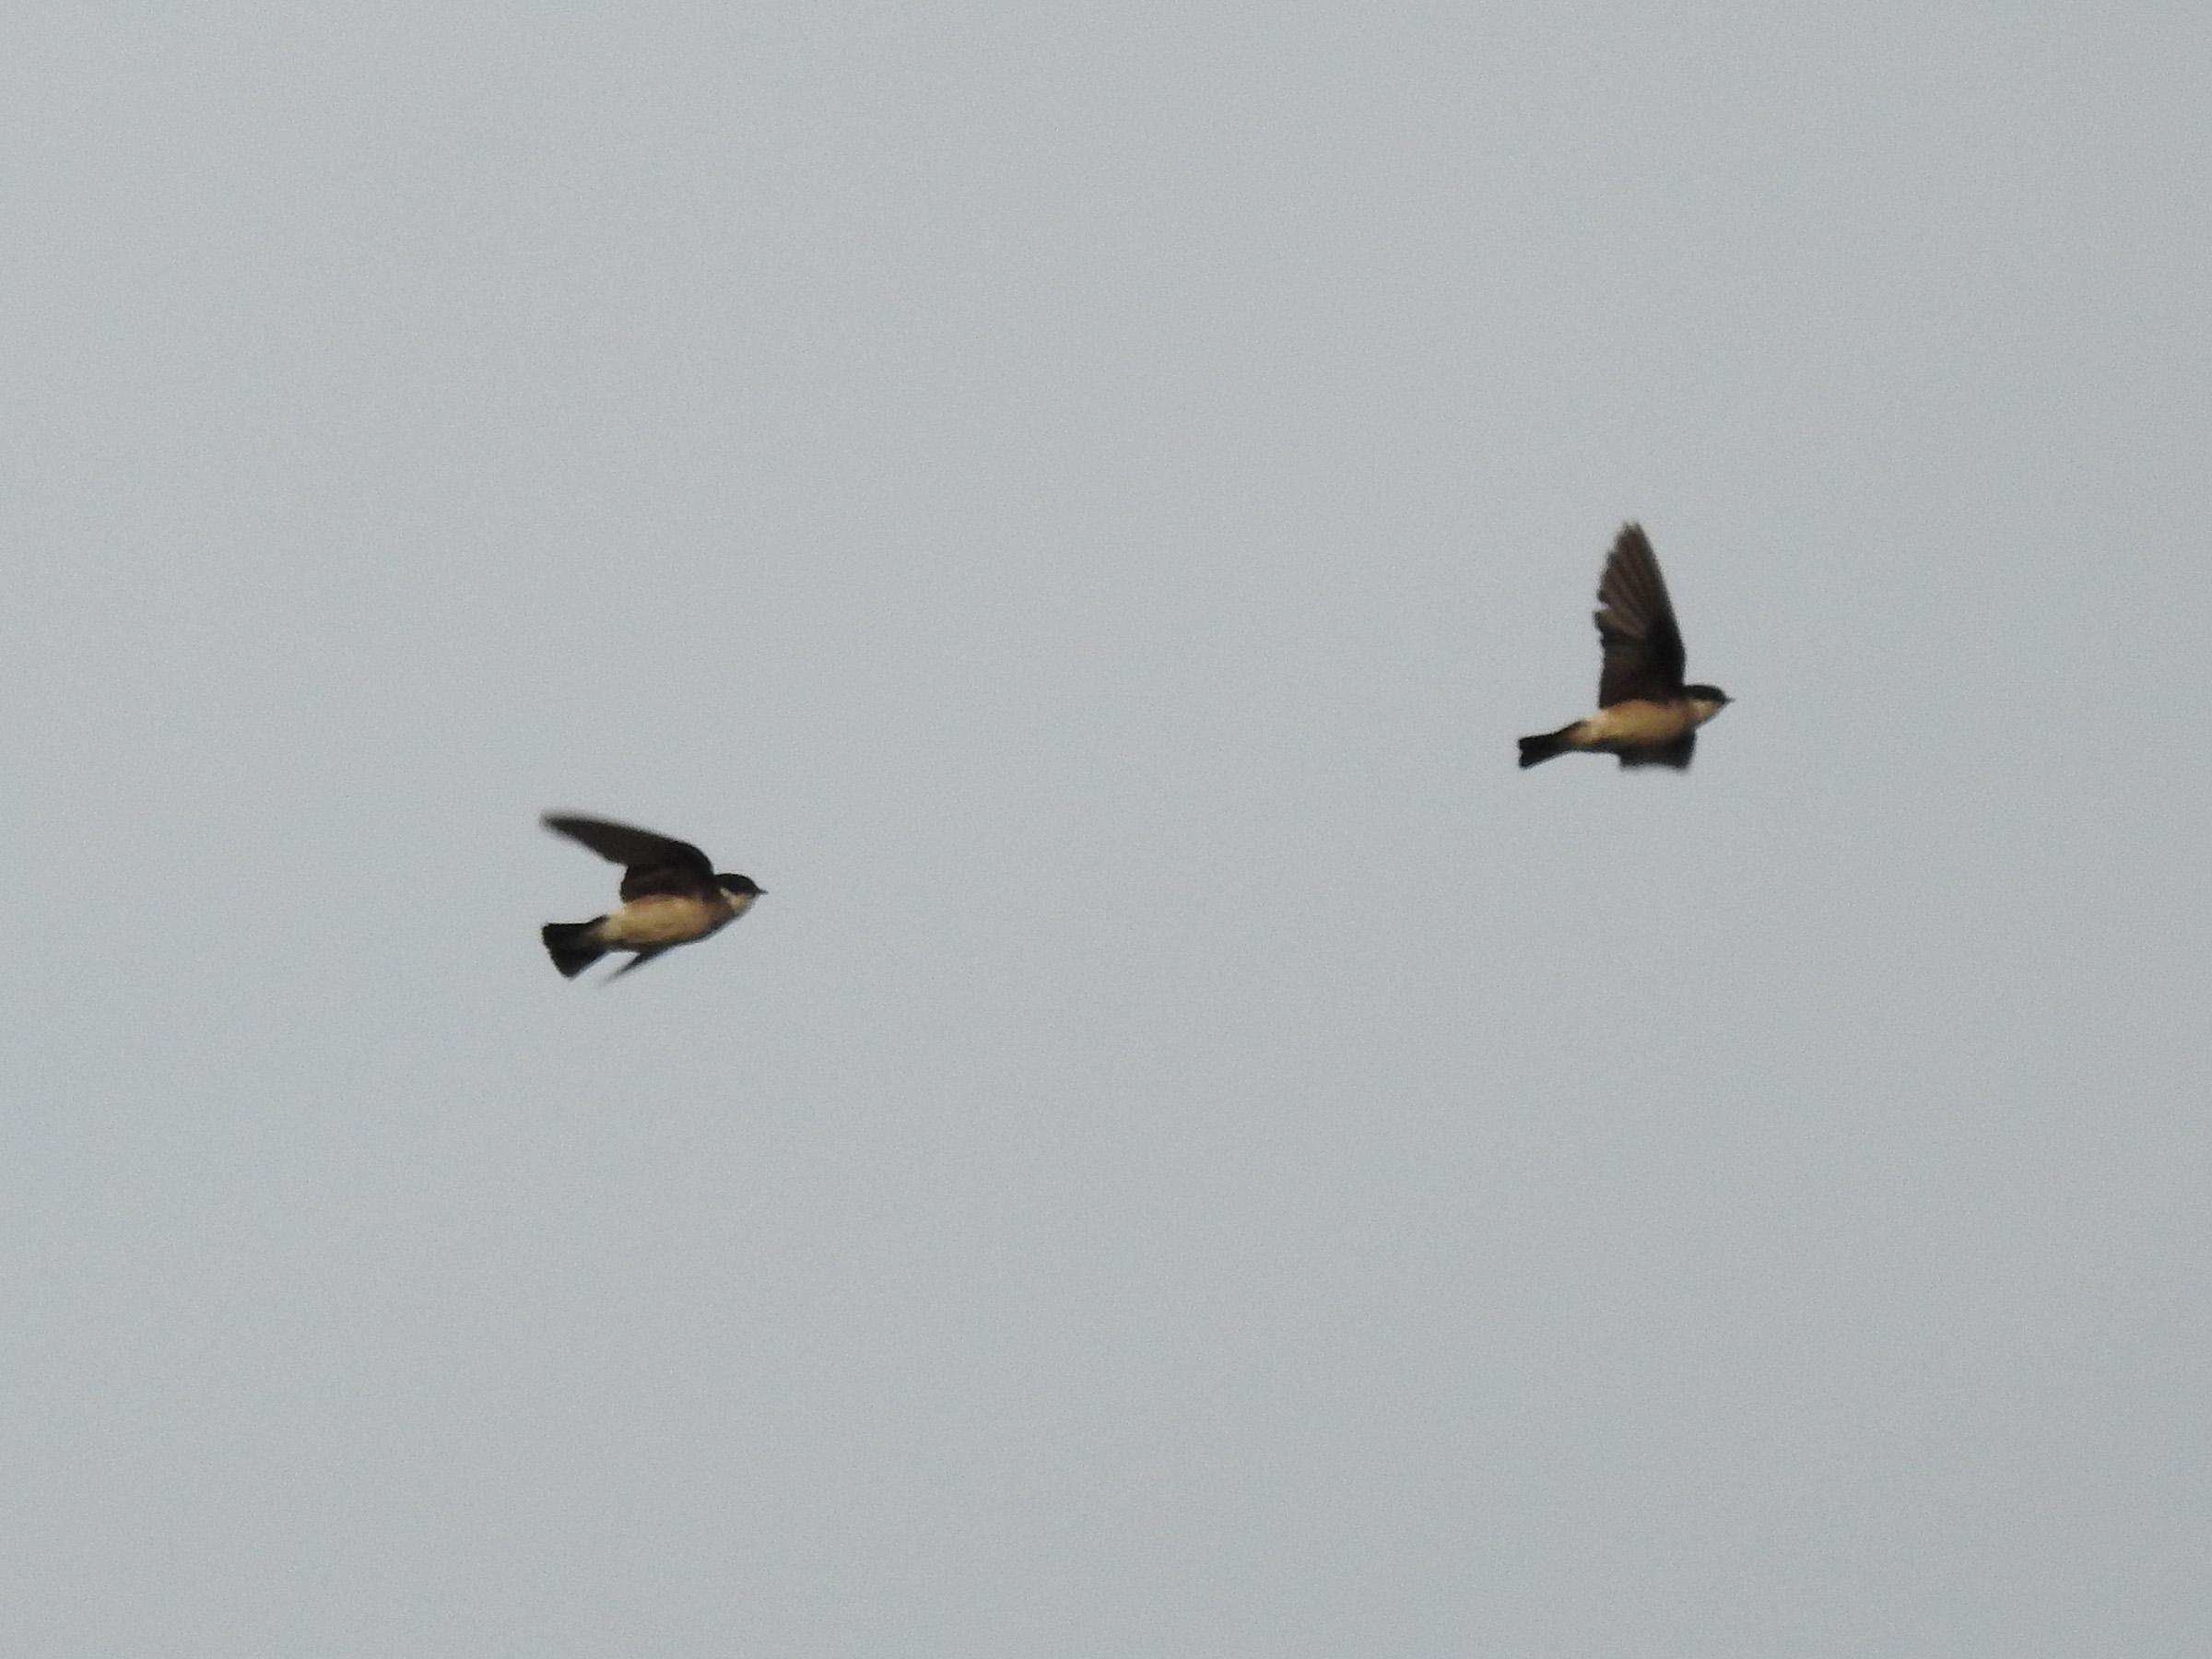 イワツバメ飛び2羽